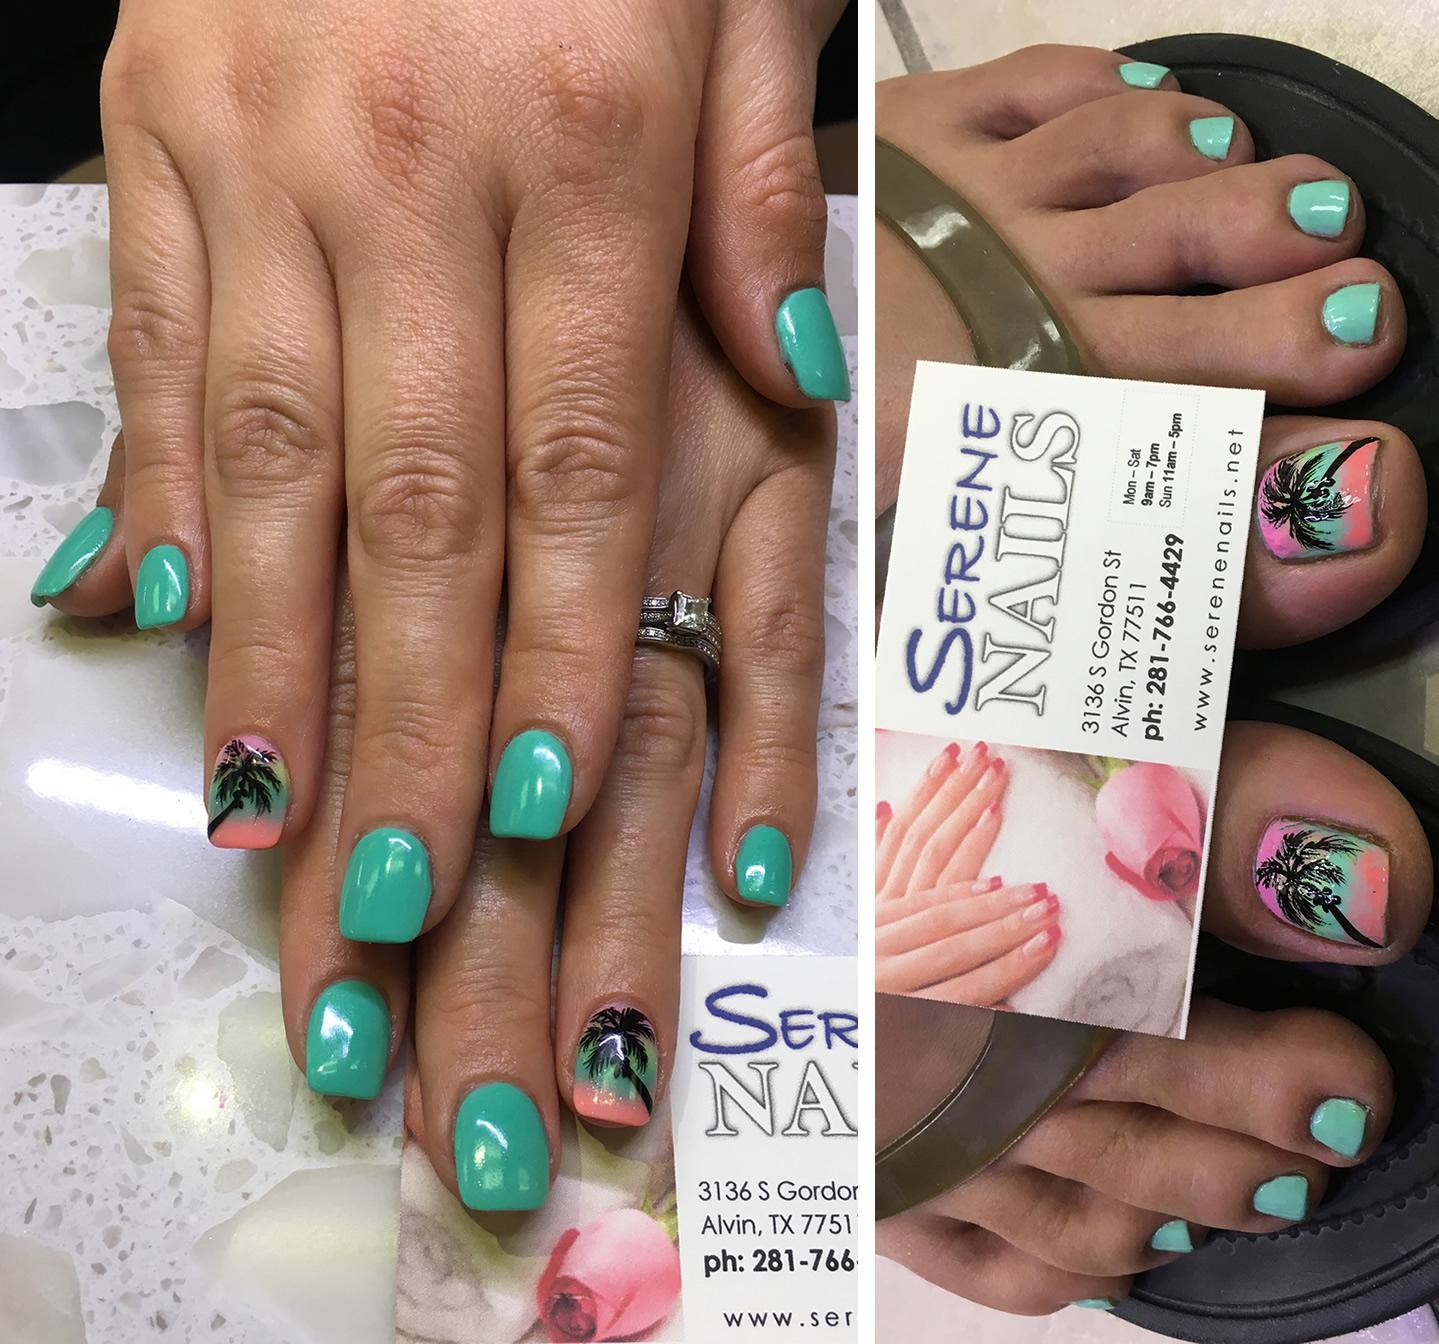 Serene Nails image 20